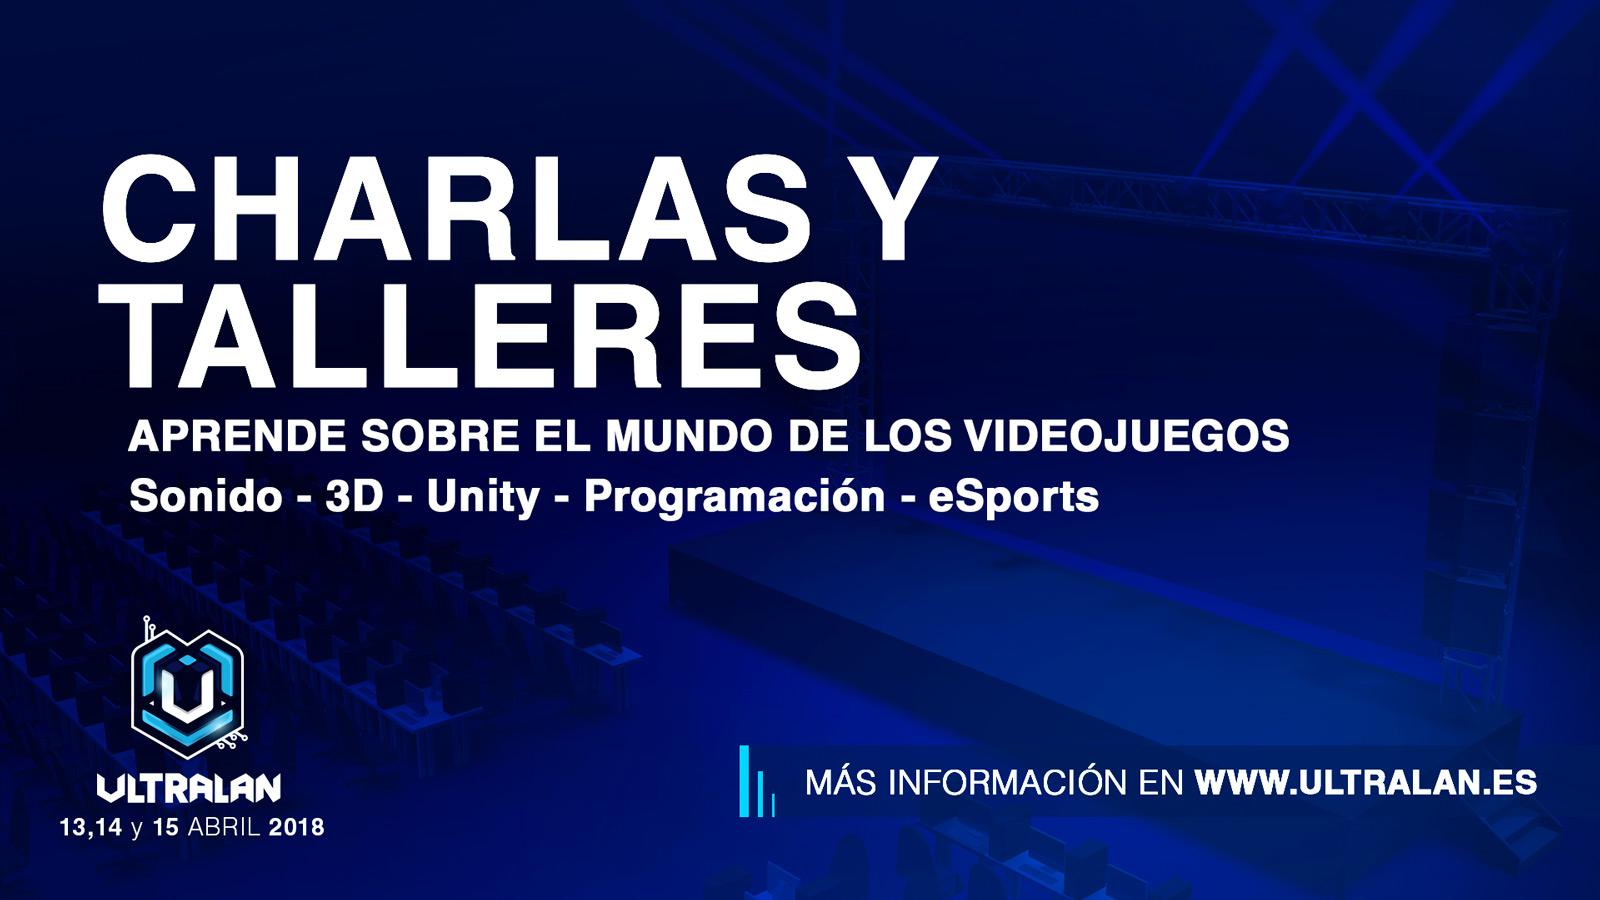 PARTICIPA EN LAS CHARLAS Y TALLERES DE ULTRALAN